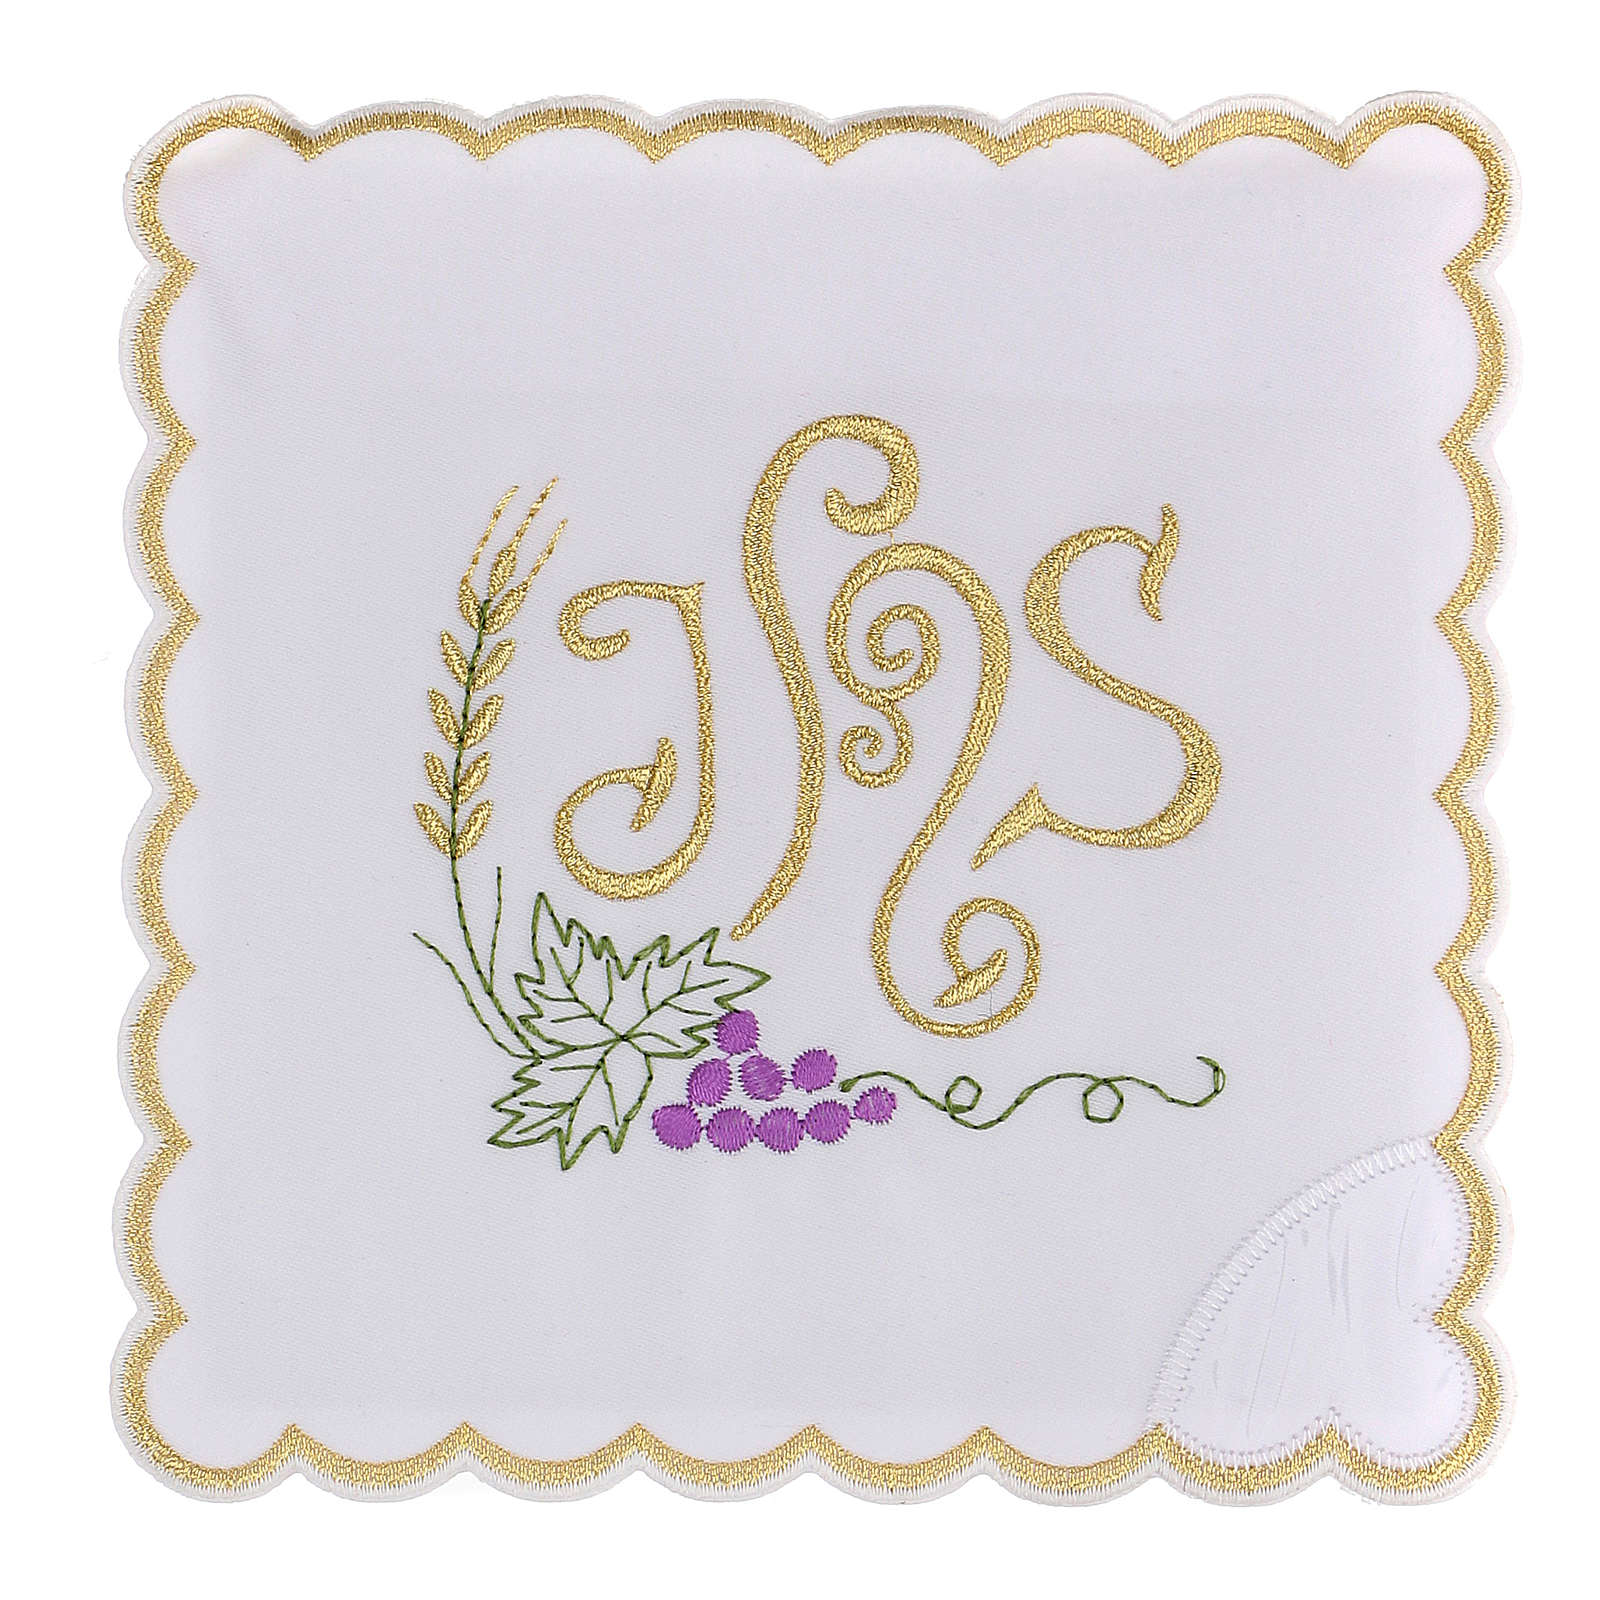 Conjunto de alfaia algodão espiga trigo folha uva símbolo IHS 4